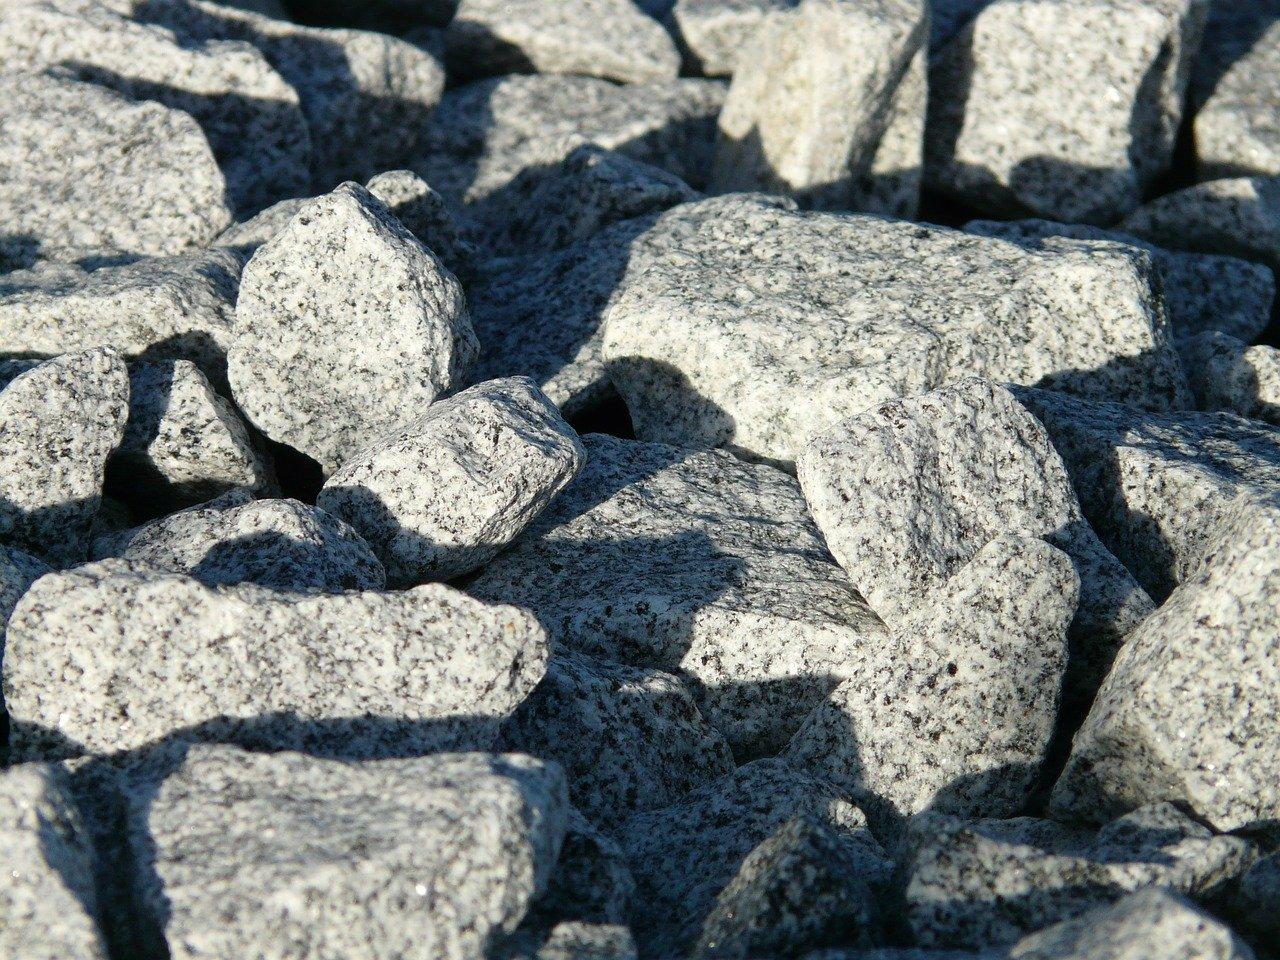 układanie granitu na tarasie